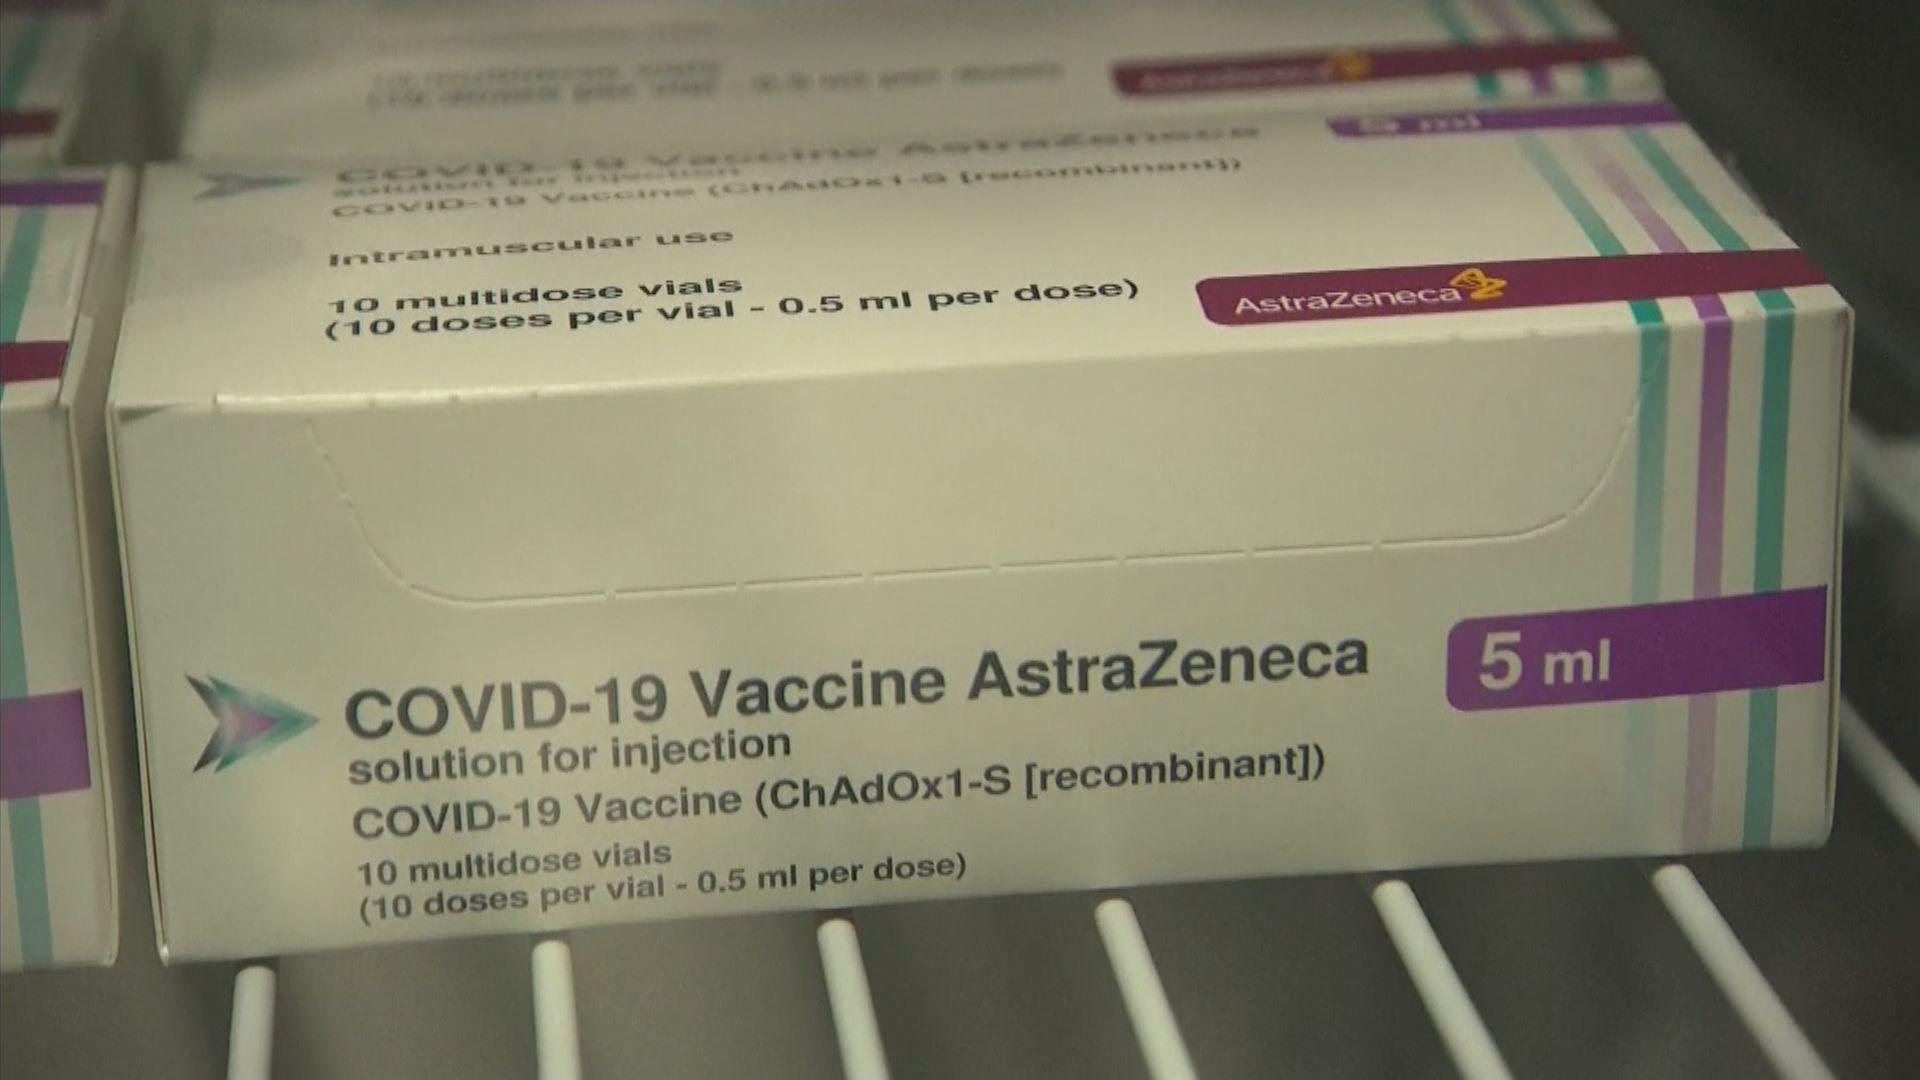 消息指阿斯利康將提早向歐盟供應新冠病毒疫苗